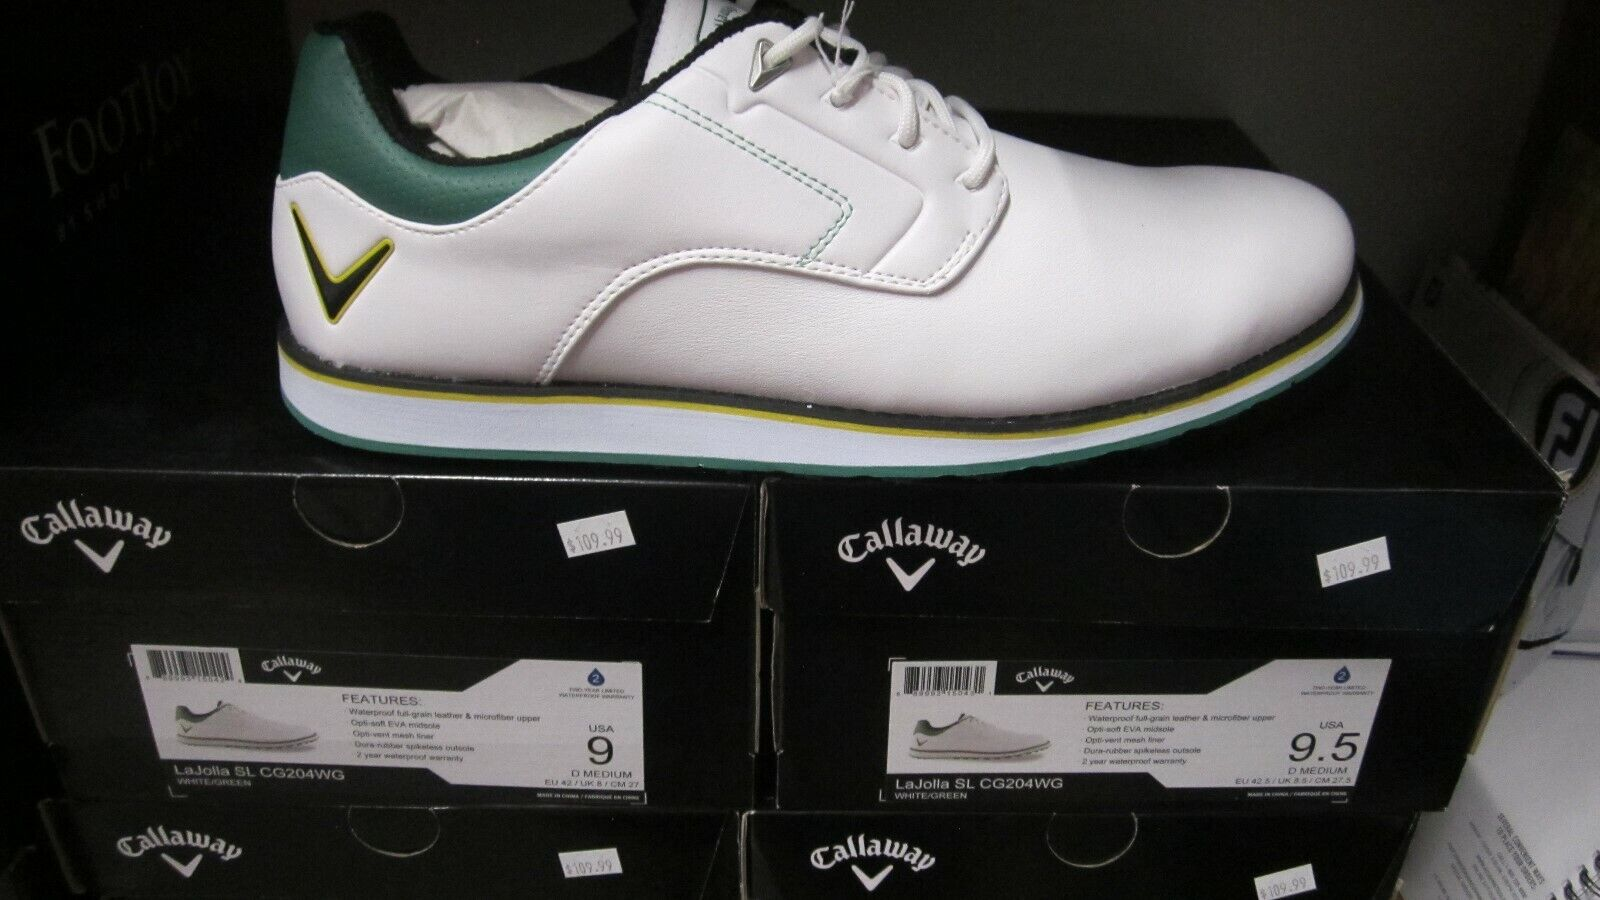 Callaway LaJolla SL Pour des hommes or chaussures blanc vert Sz 9M